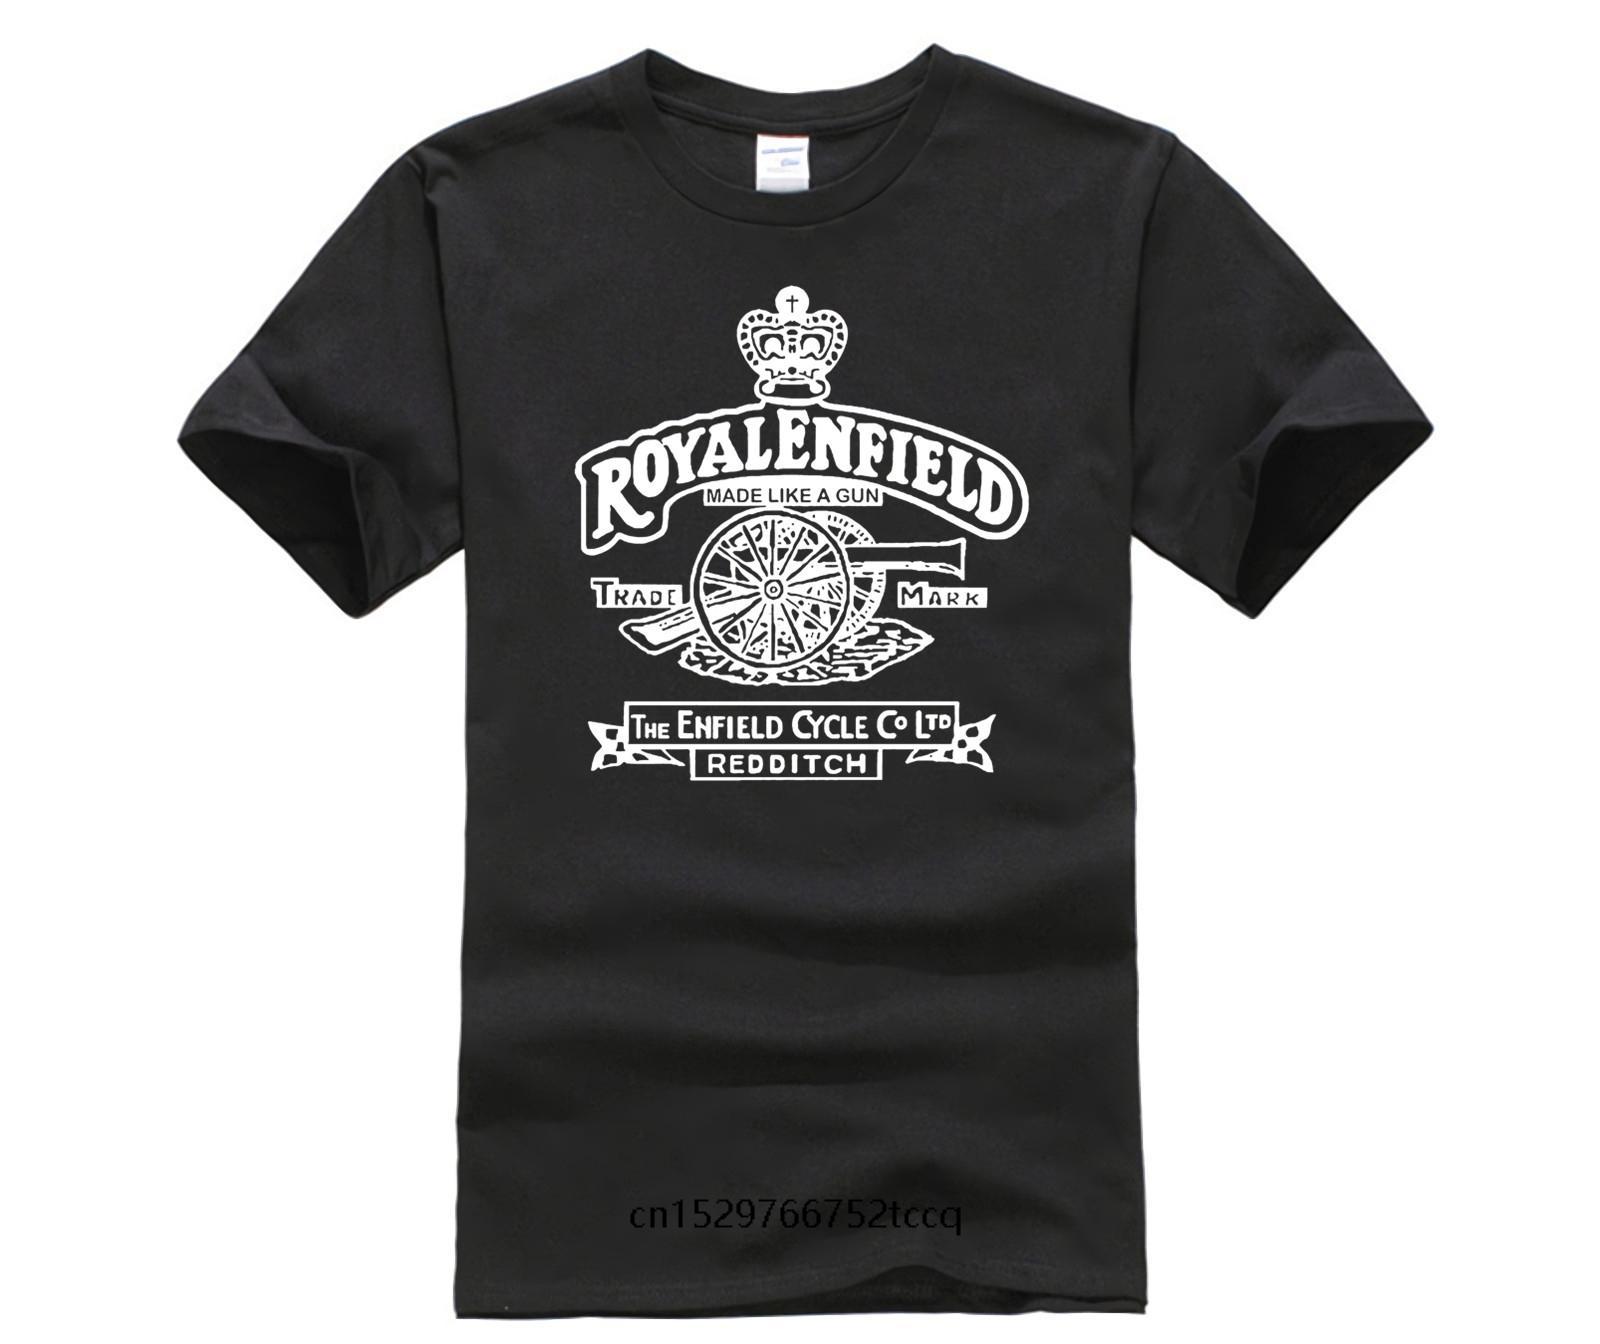 Hommes noirs T-shirt Royal Enfield Vintage Logo Discount 100% coton T-shirt pour les hommes Top Tee